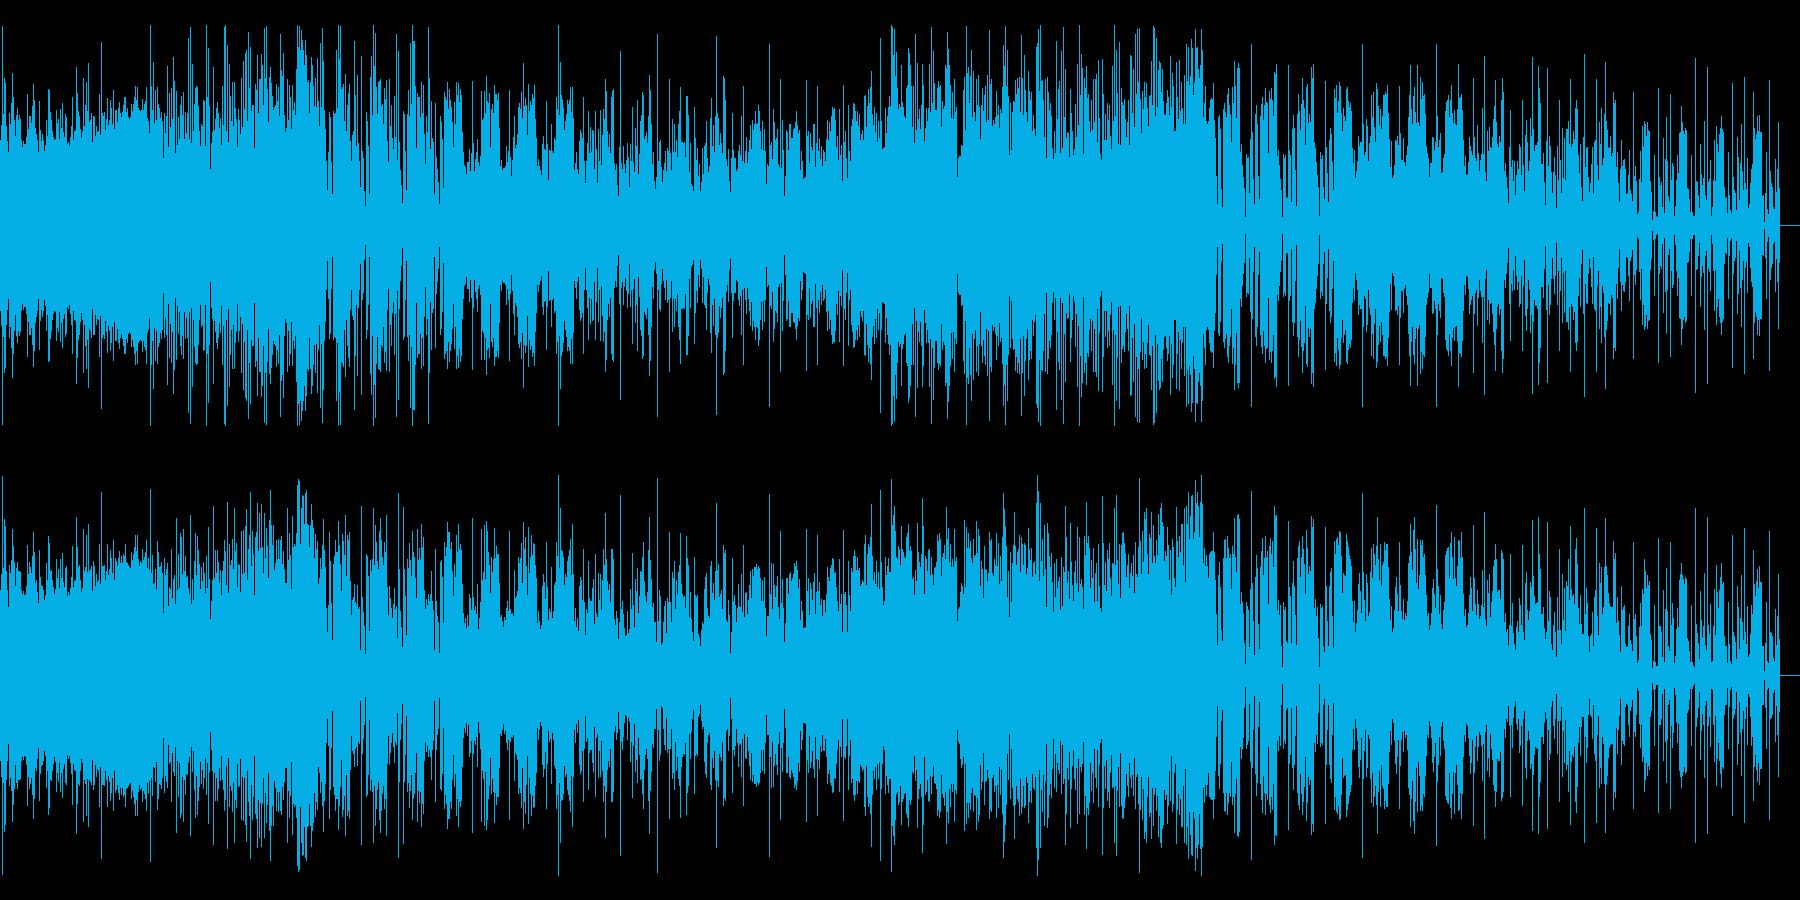 リズミカルなノイズのロボティックなIDMの再生済みの波形